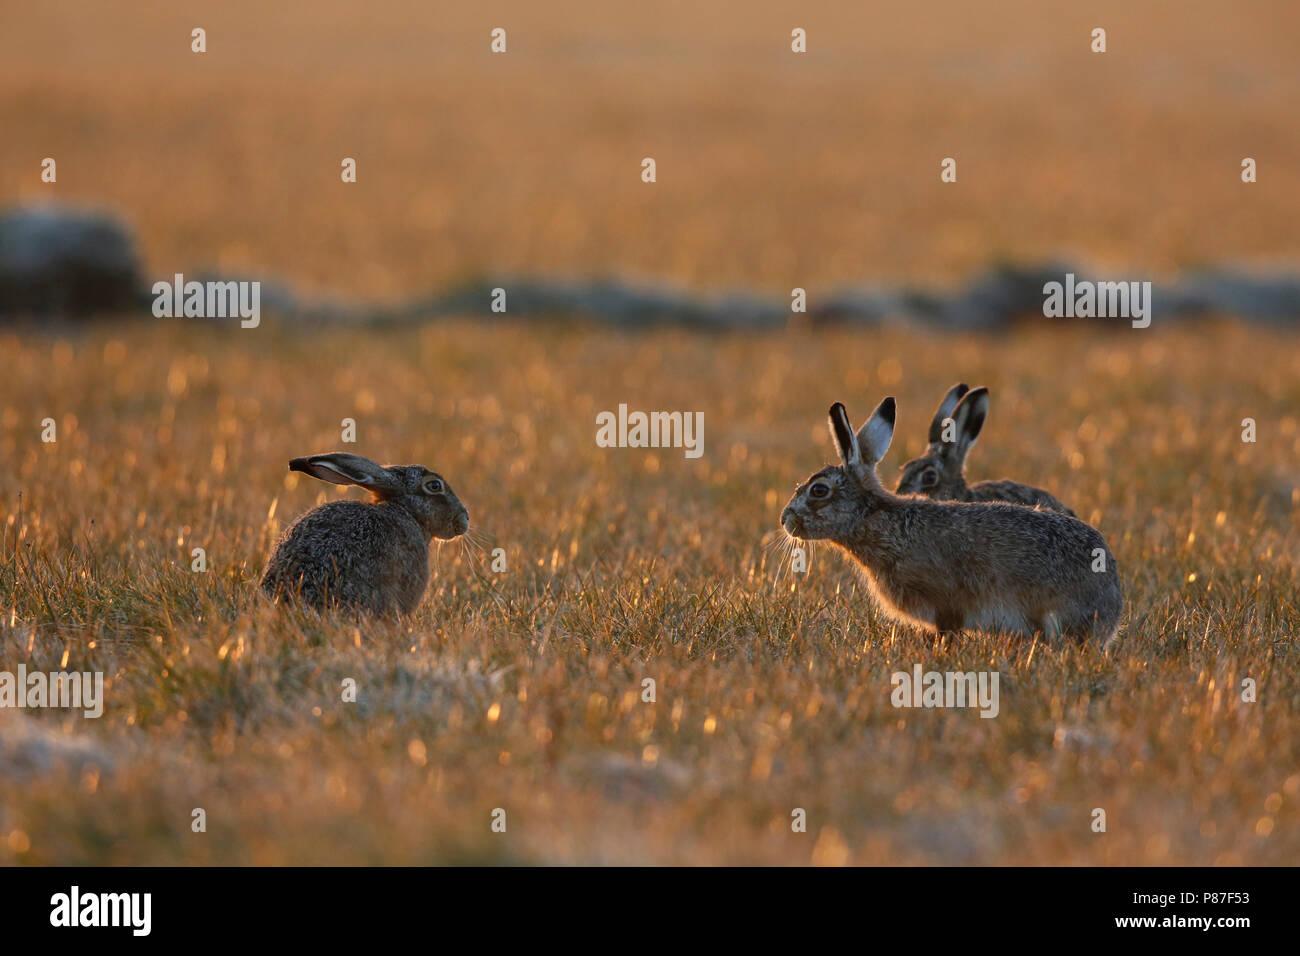 Haas im Ochtend licht; Hase im Morgenlicht Stockbild